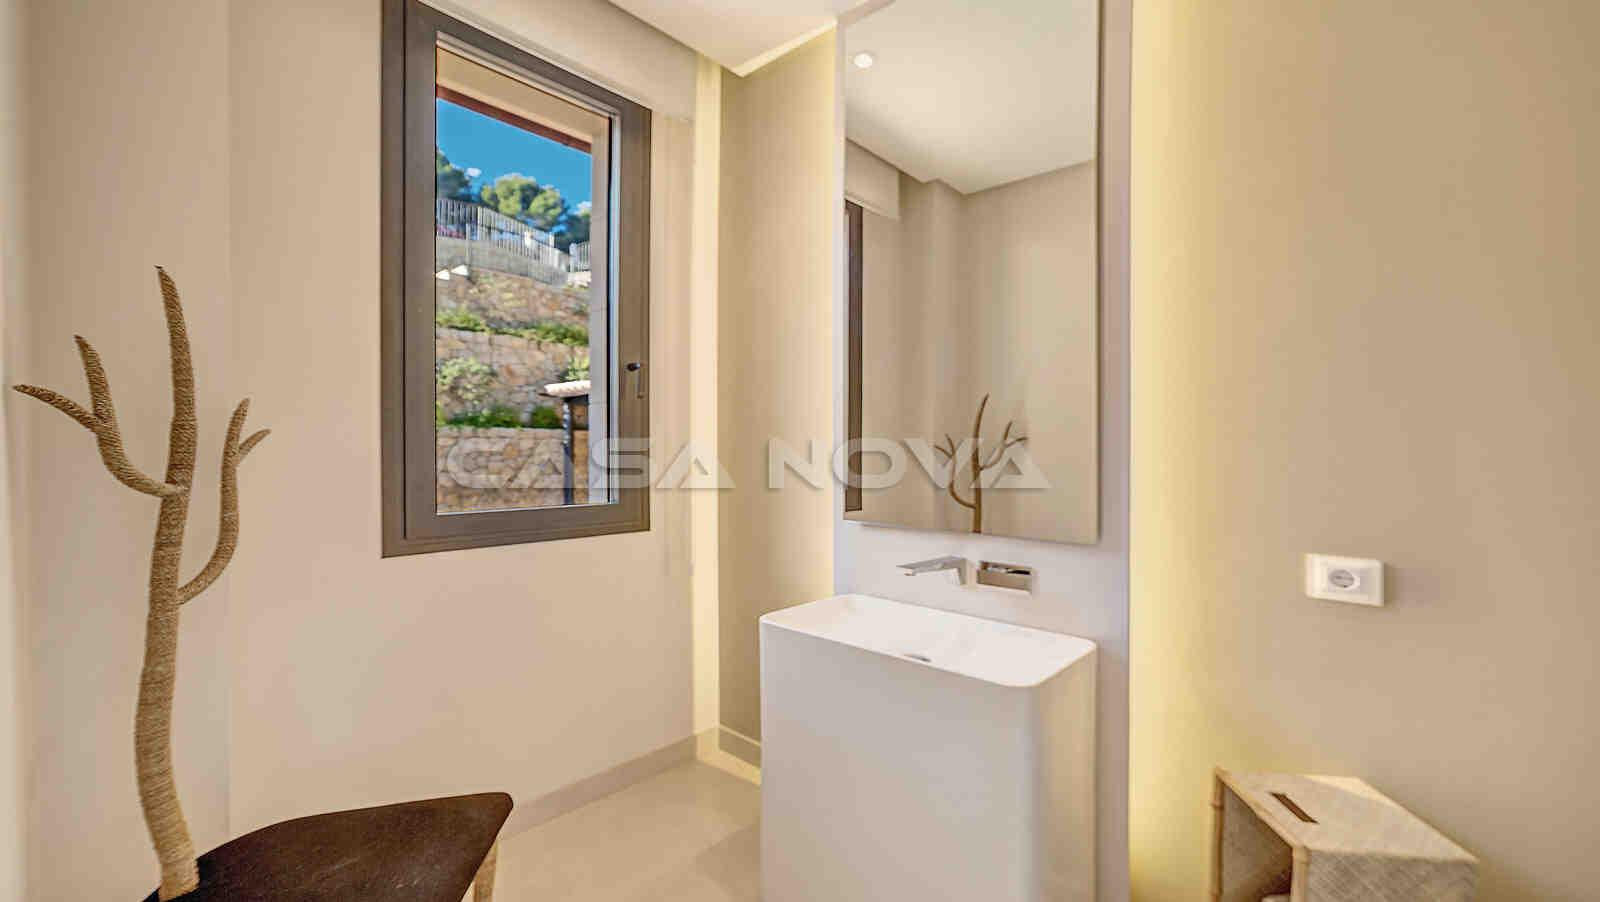 Charmantes Gäste- WC mit moderner Ausstattung